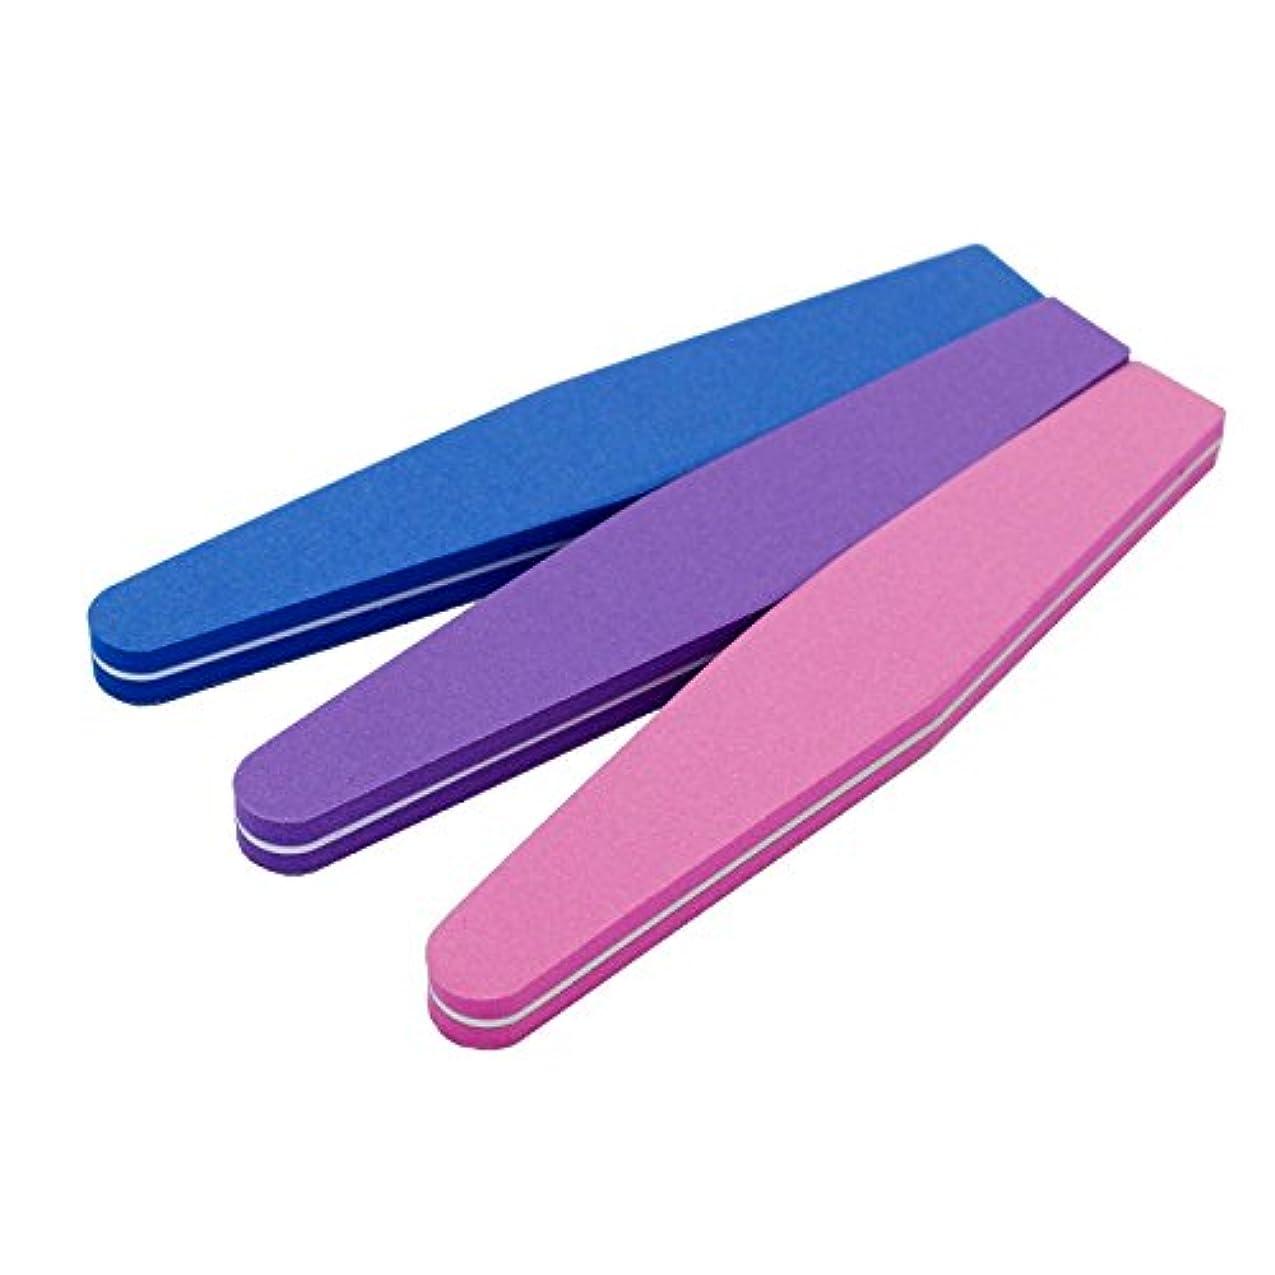 余分なパッケージコンクリートJomMart スポンジ ネイルファイル 爪用ヤスリ 3色セット(ピンク パープル ブルー) BY0040